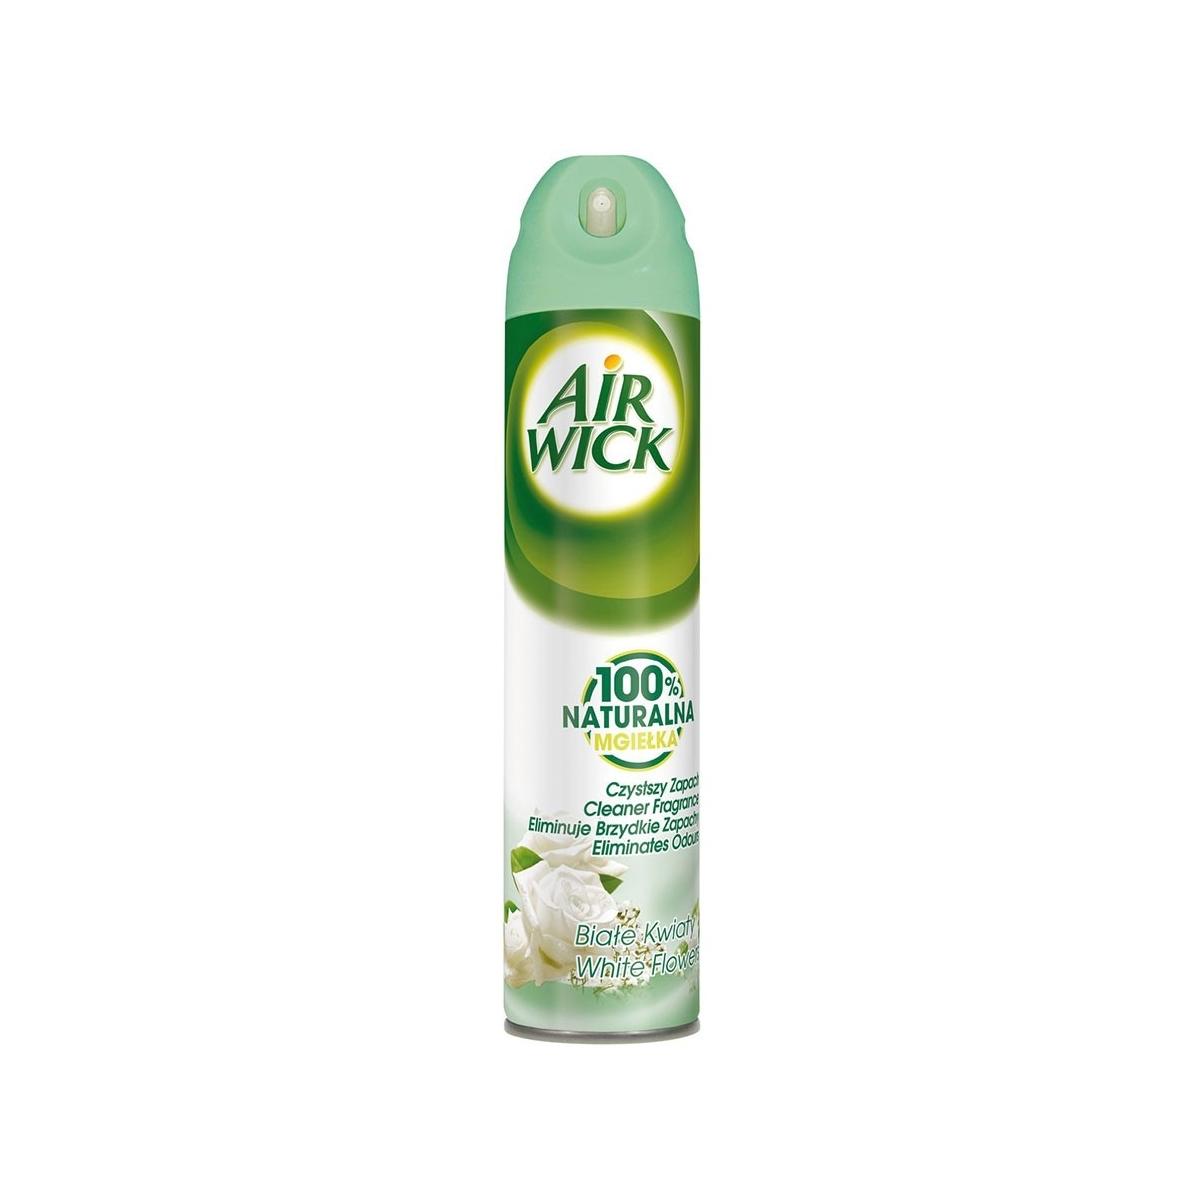 Odświeżacz 240 ml, Białe Kwiaty - Air Wick Odświeżacz 240 ml, Białe Kwiaty - Air Wick